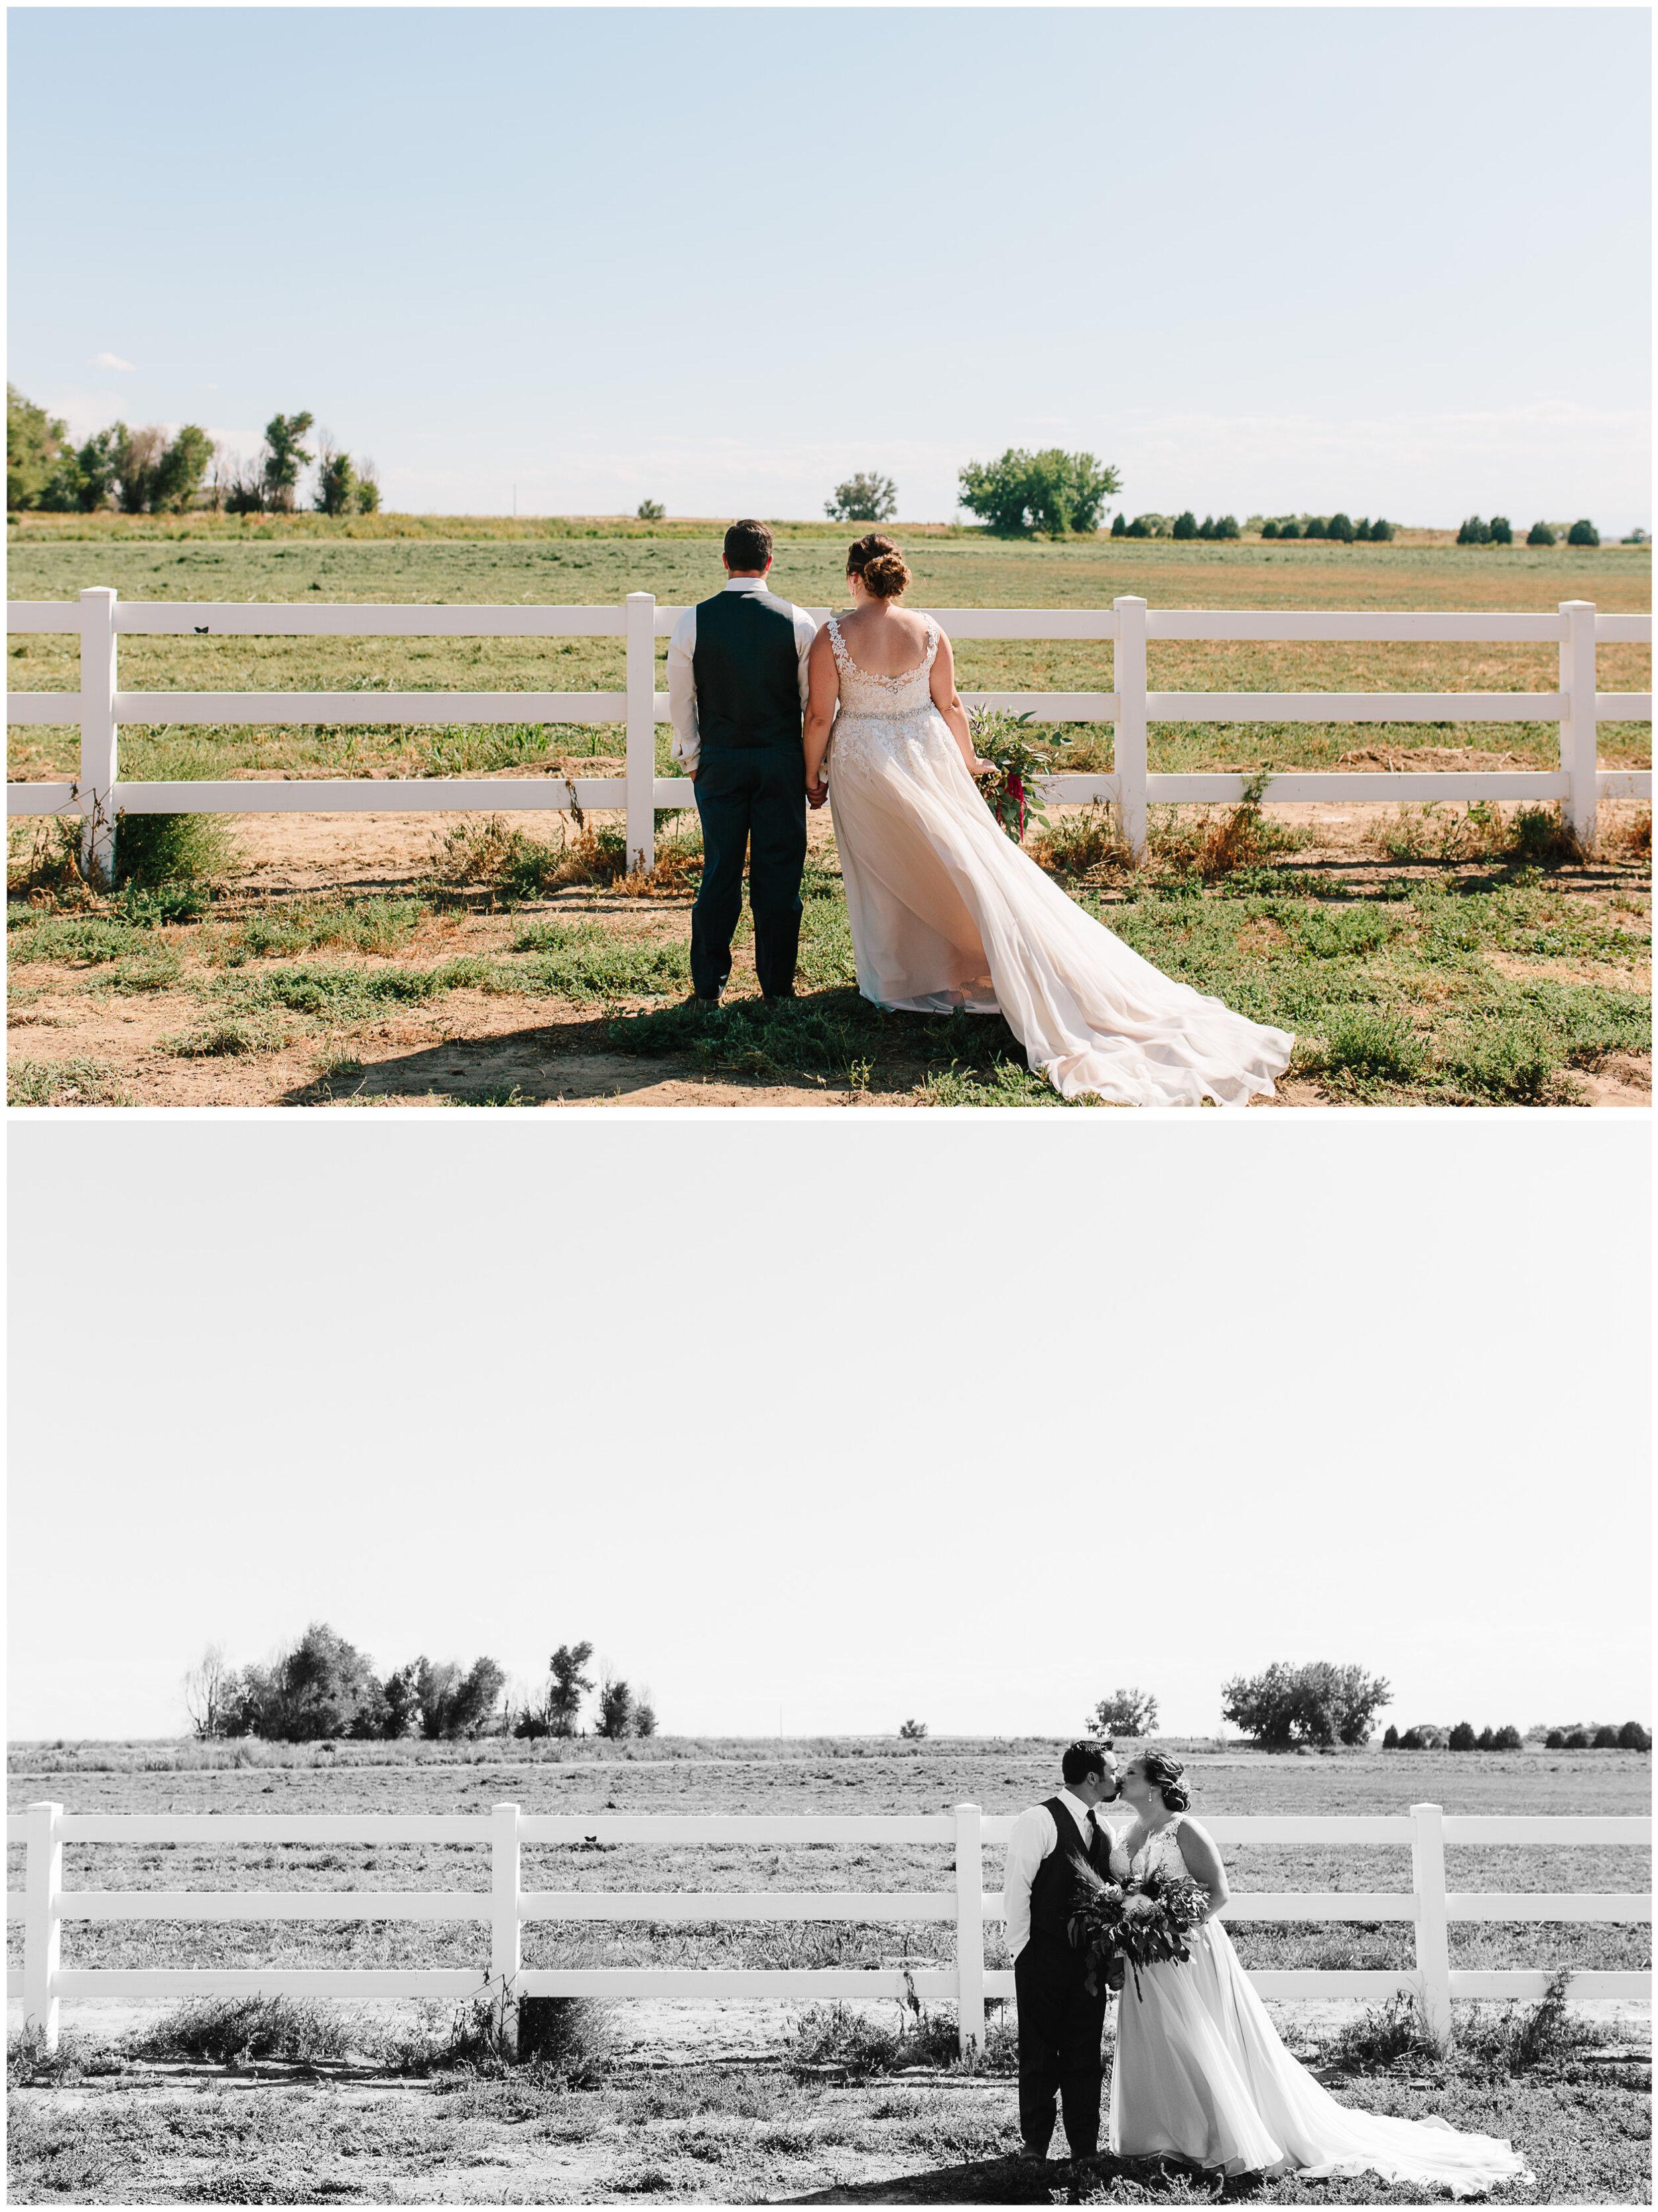 brighton_colorado_wedding_41.jpg